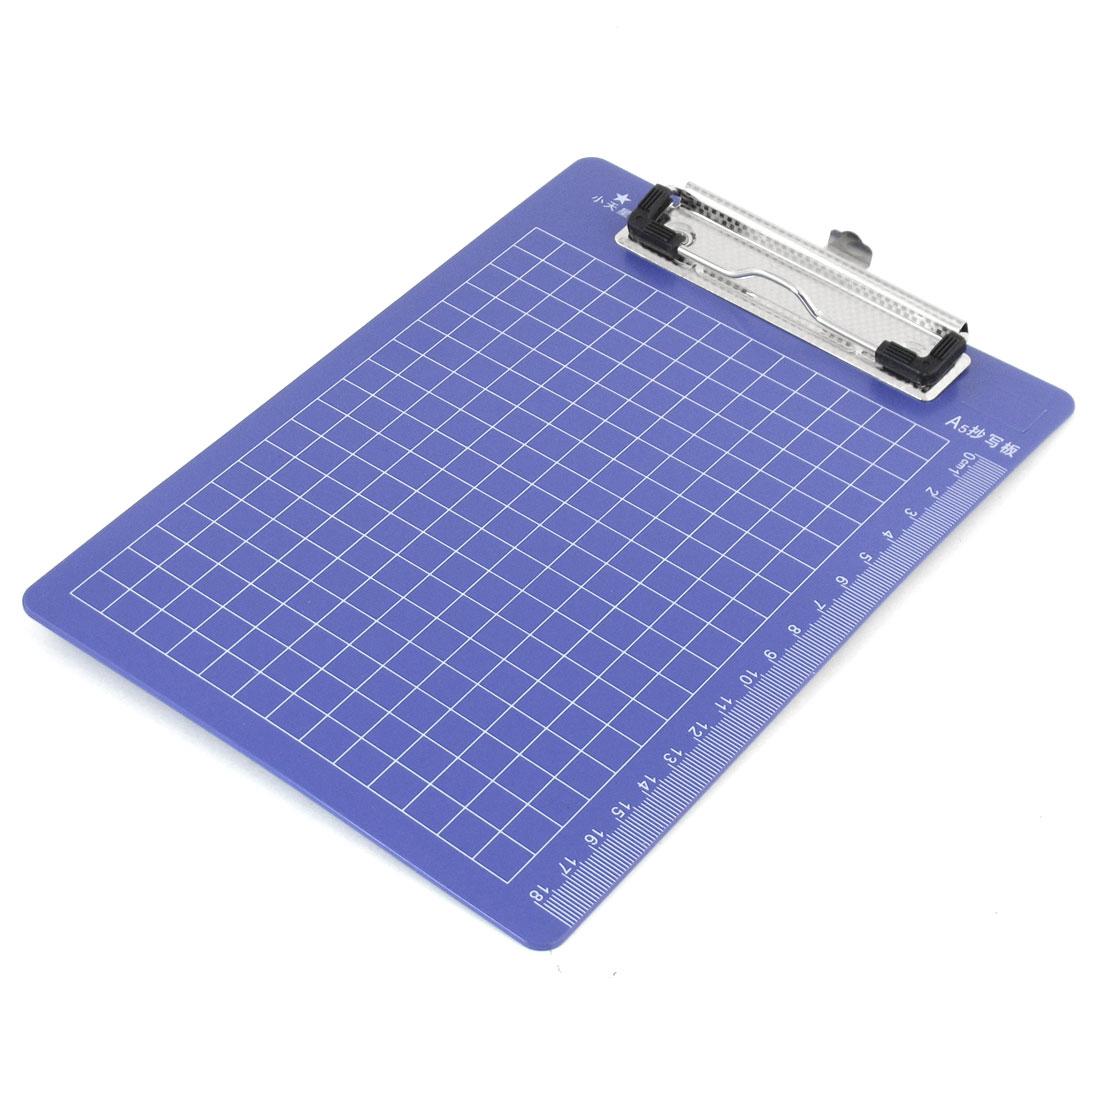 Office A5 File Record List Note Paper Blue Plastic Clip Board